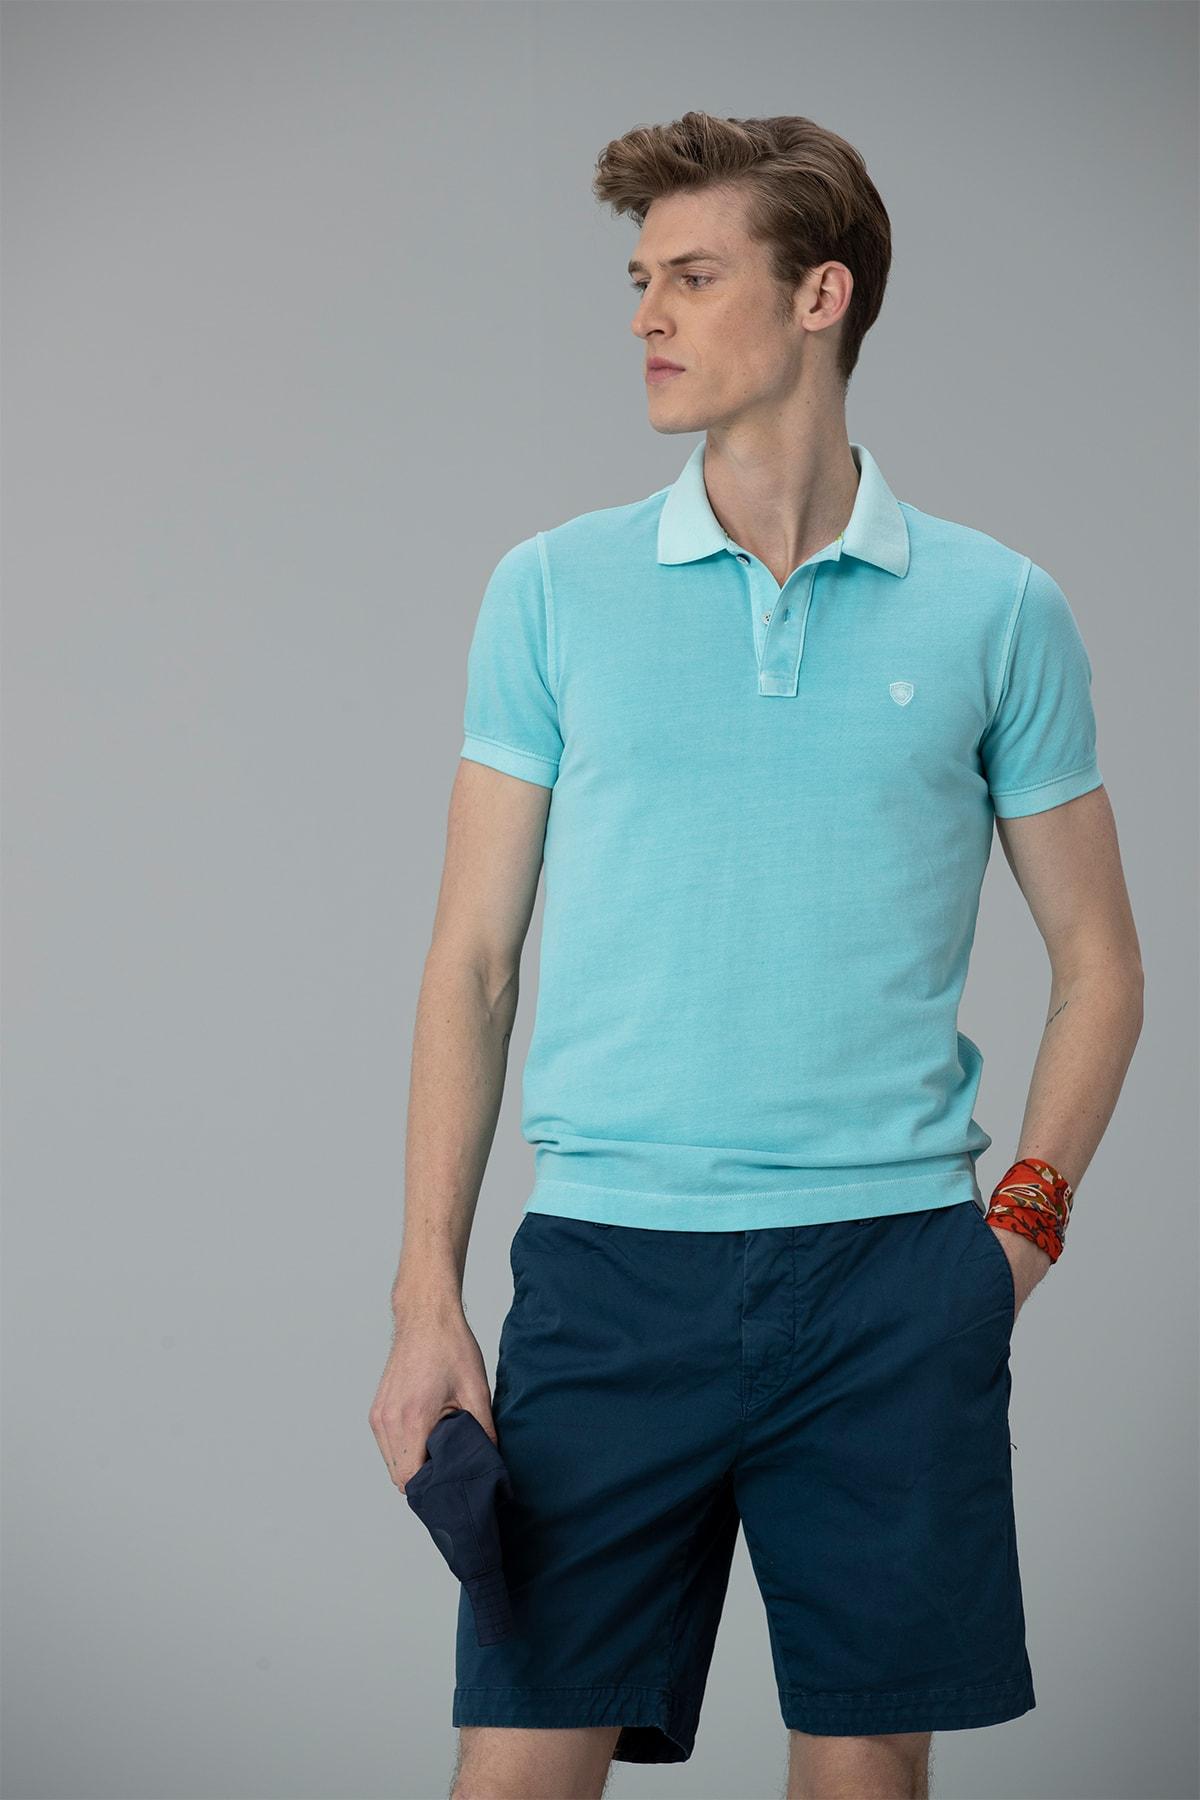 Lufian Vernon Spor Polo T- Shirt Aqua 1